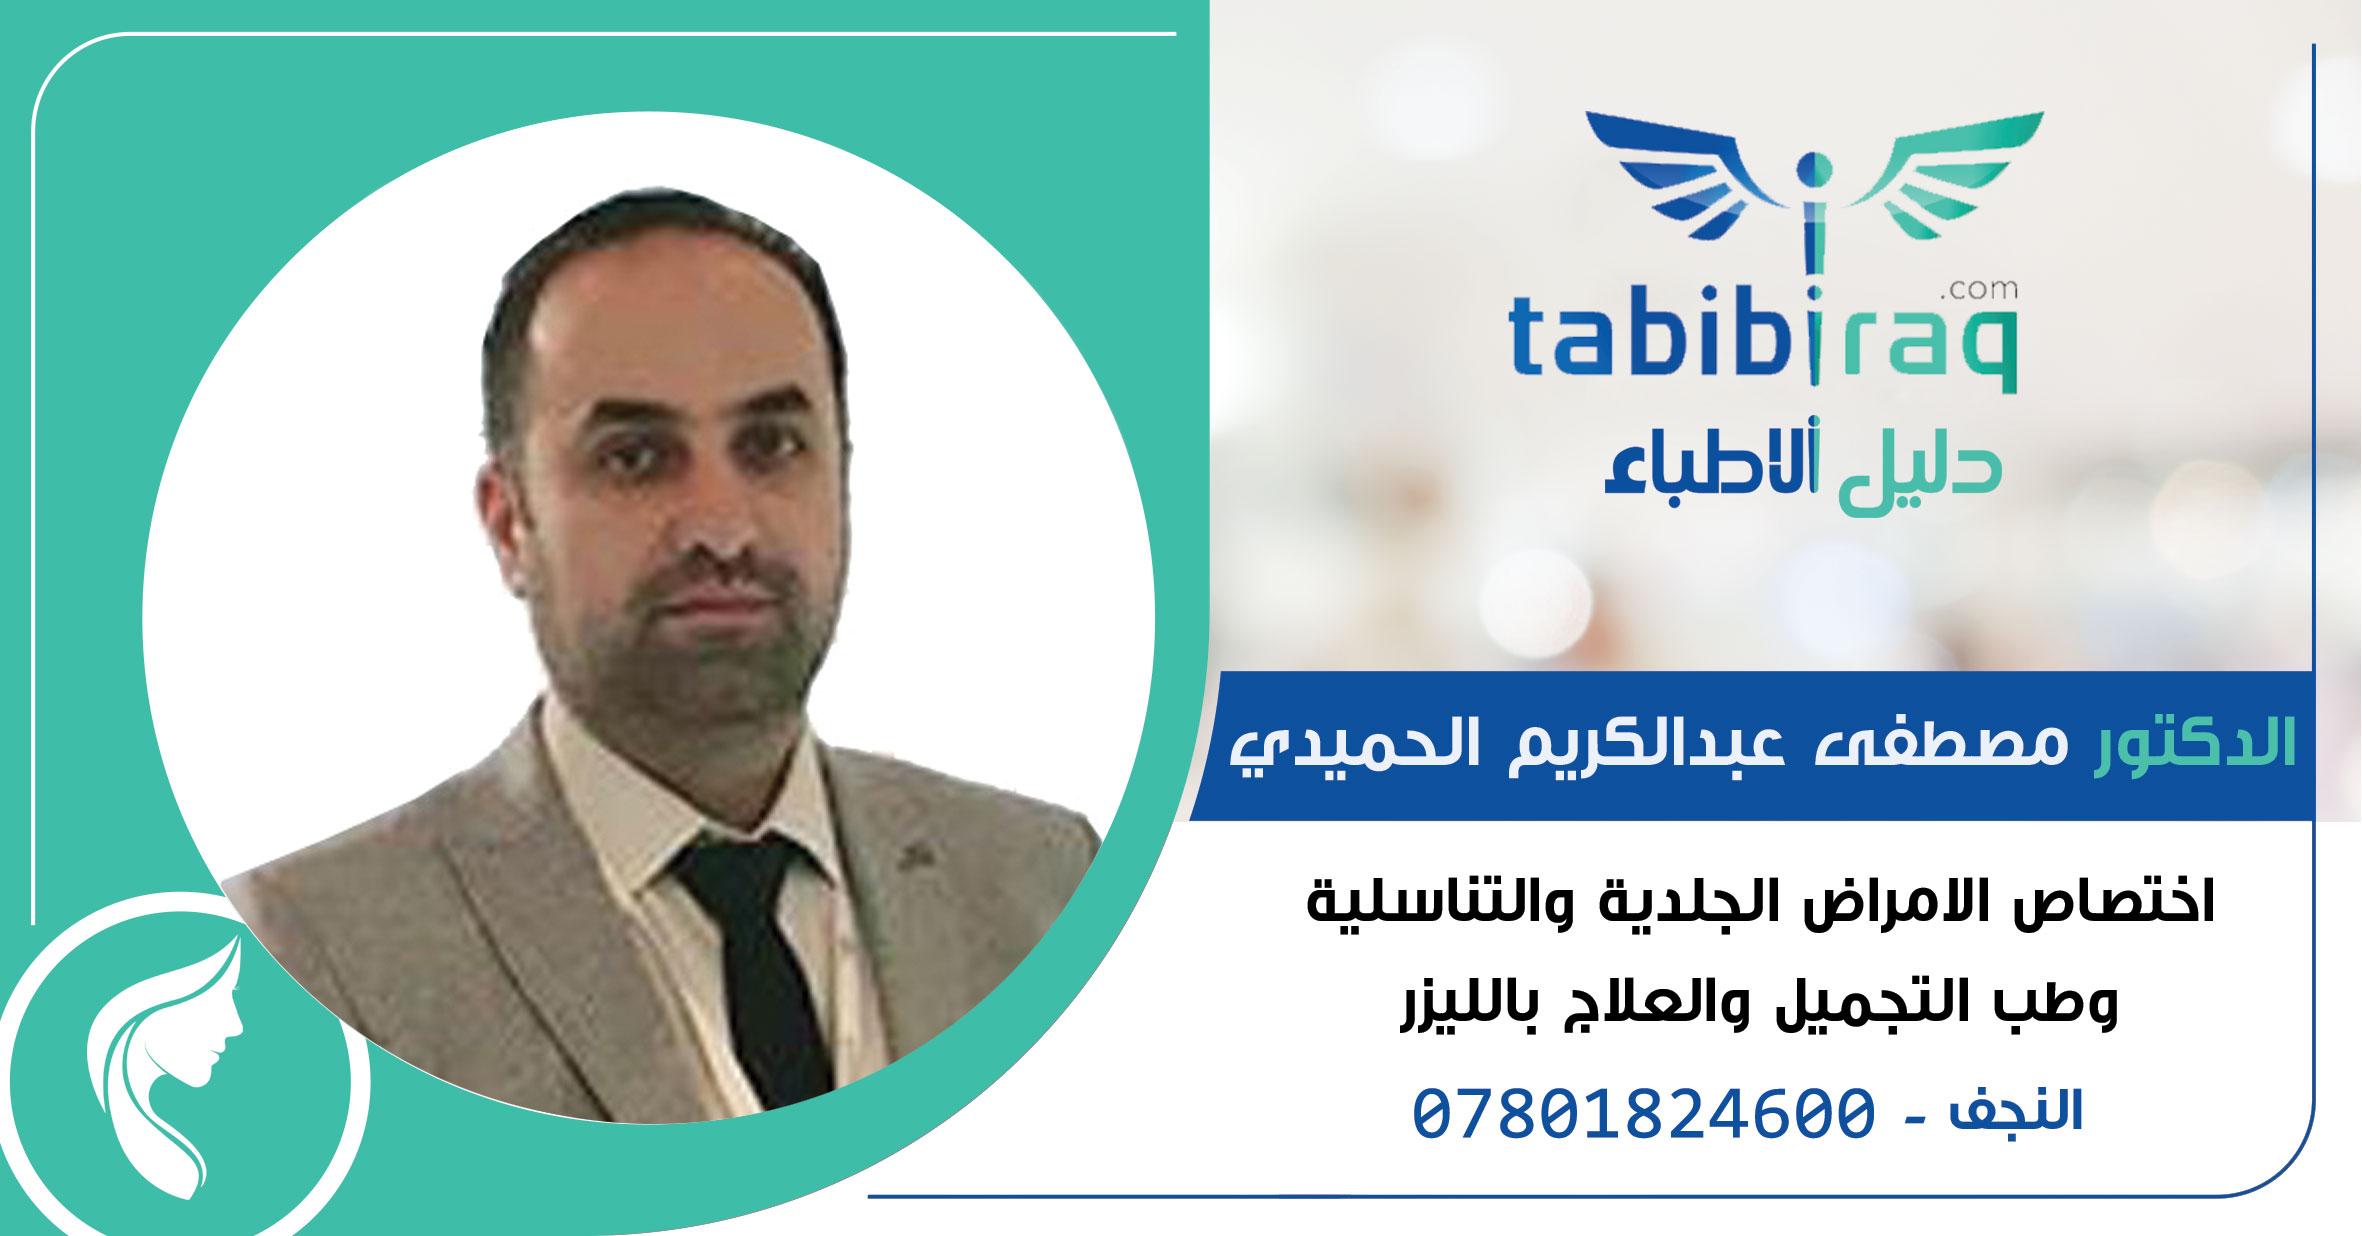 الدكتور مصطفى عبدالكريم الحميدي